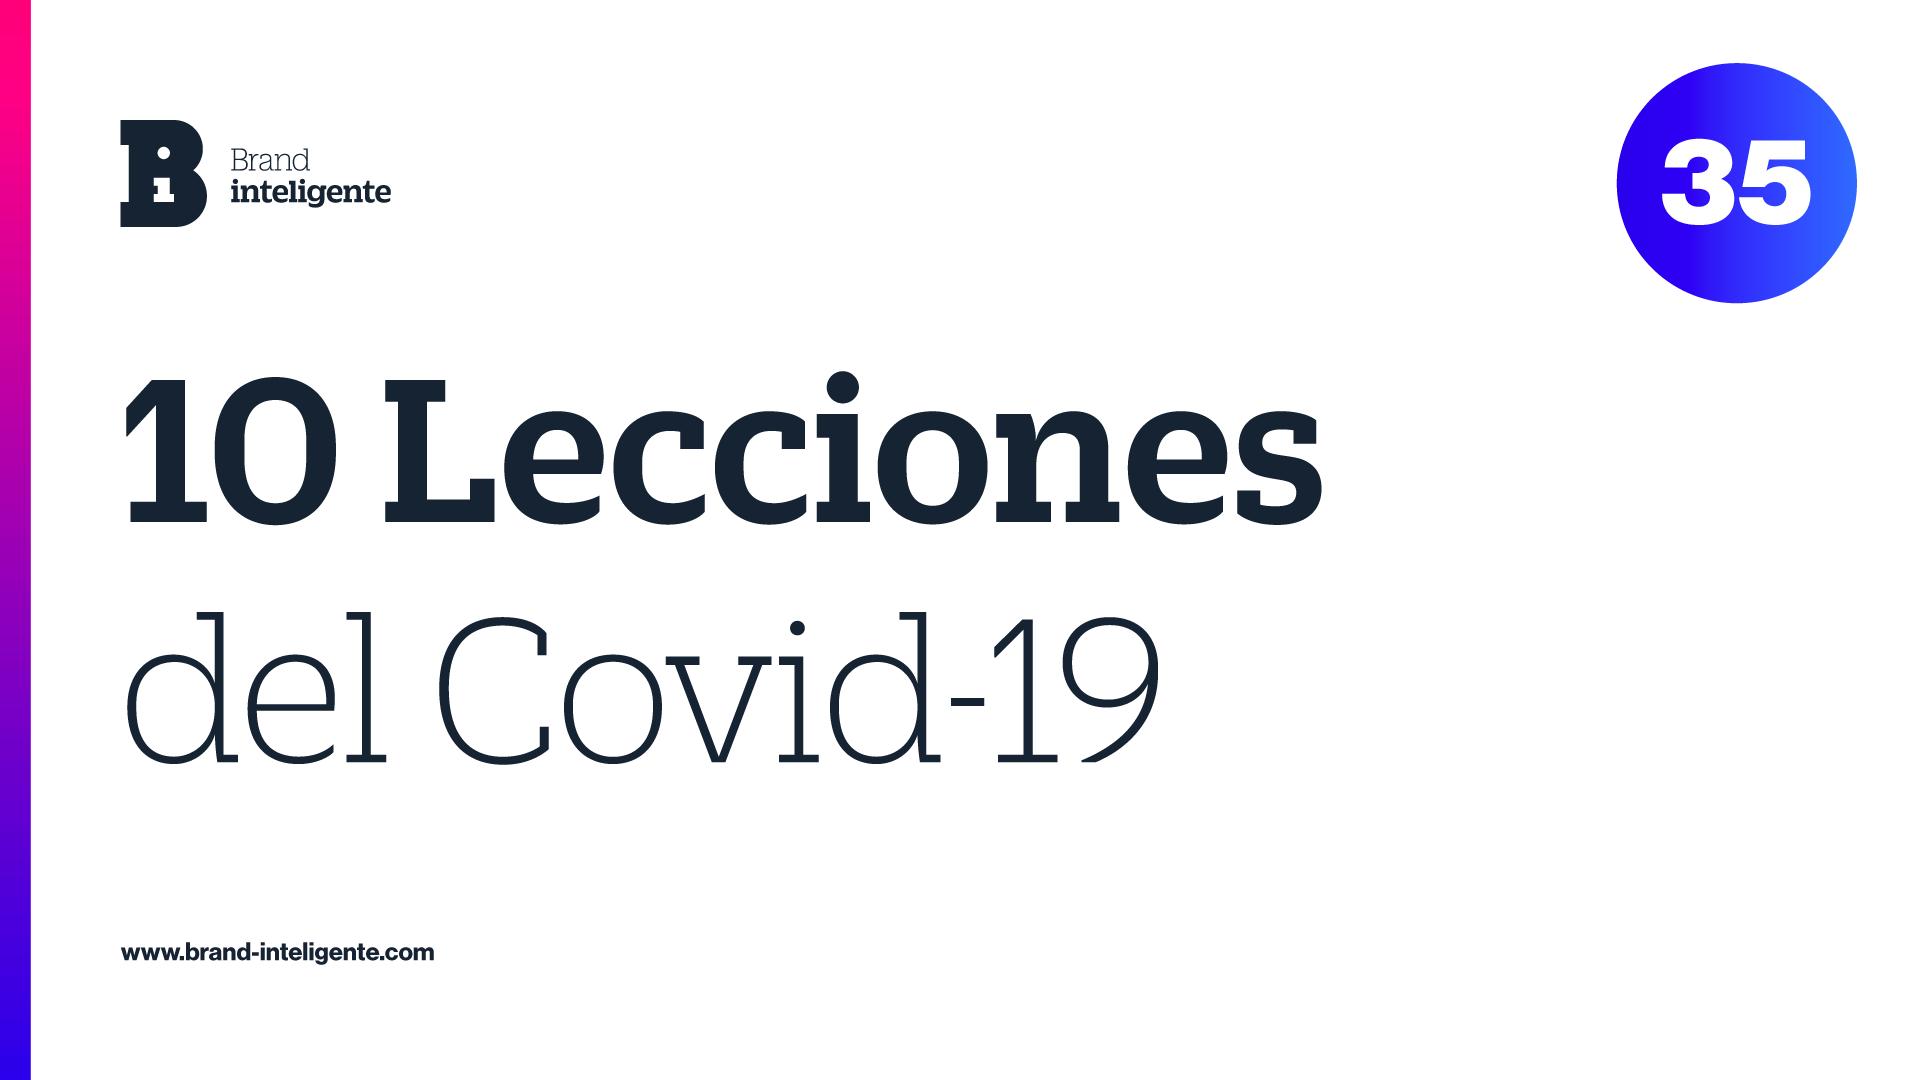 10 Lecciones del Covid-19